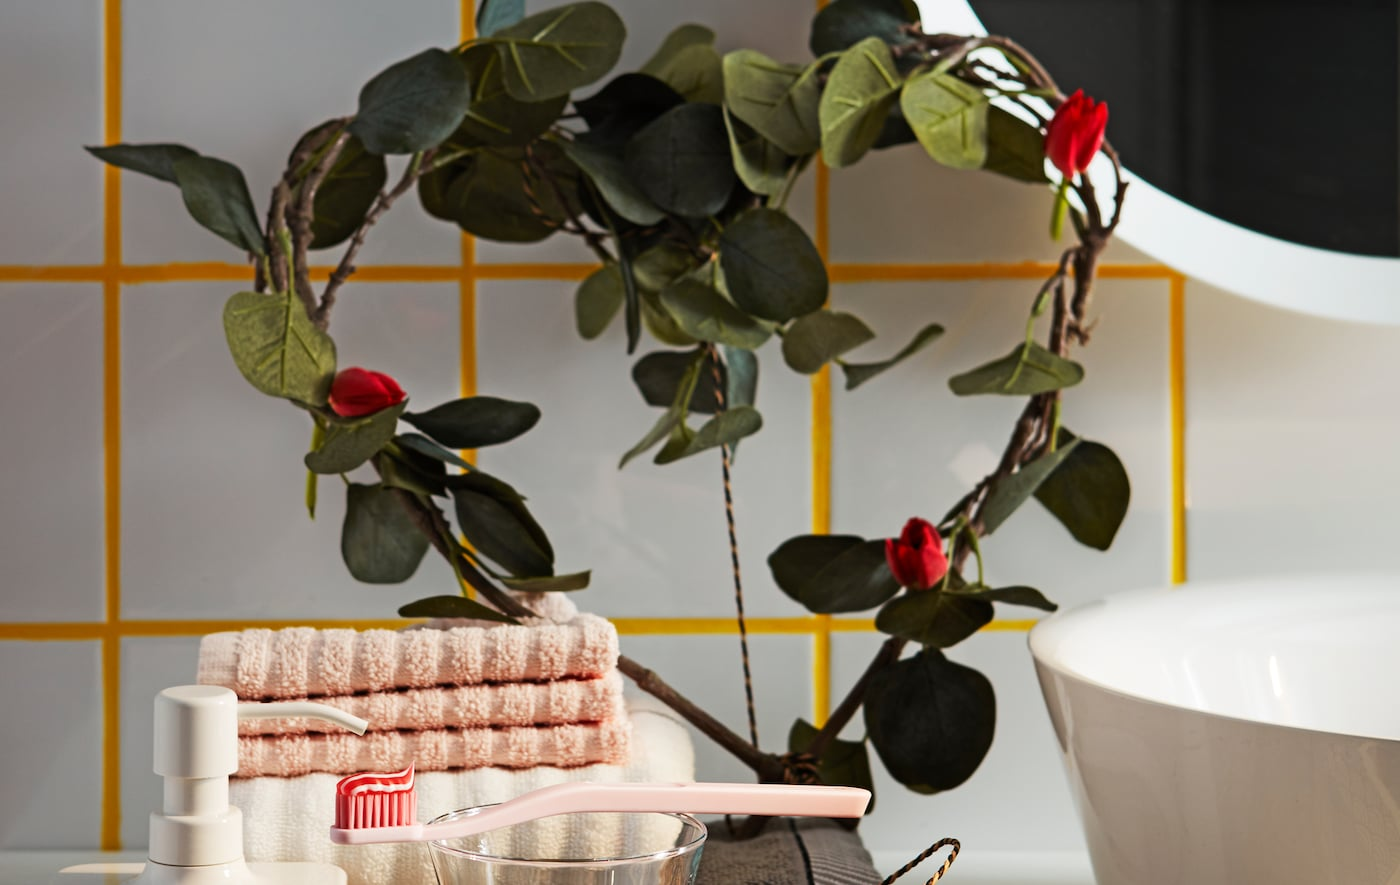 Zelene IKEA SMYCKA veštačke grančice eukaliptusa, imaju oblik srca i krase policu u kupatilu.